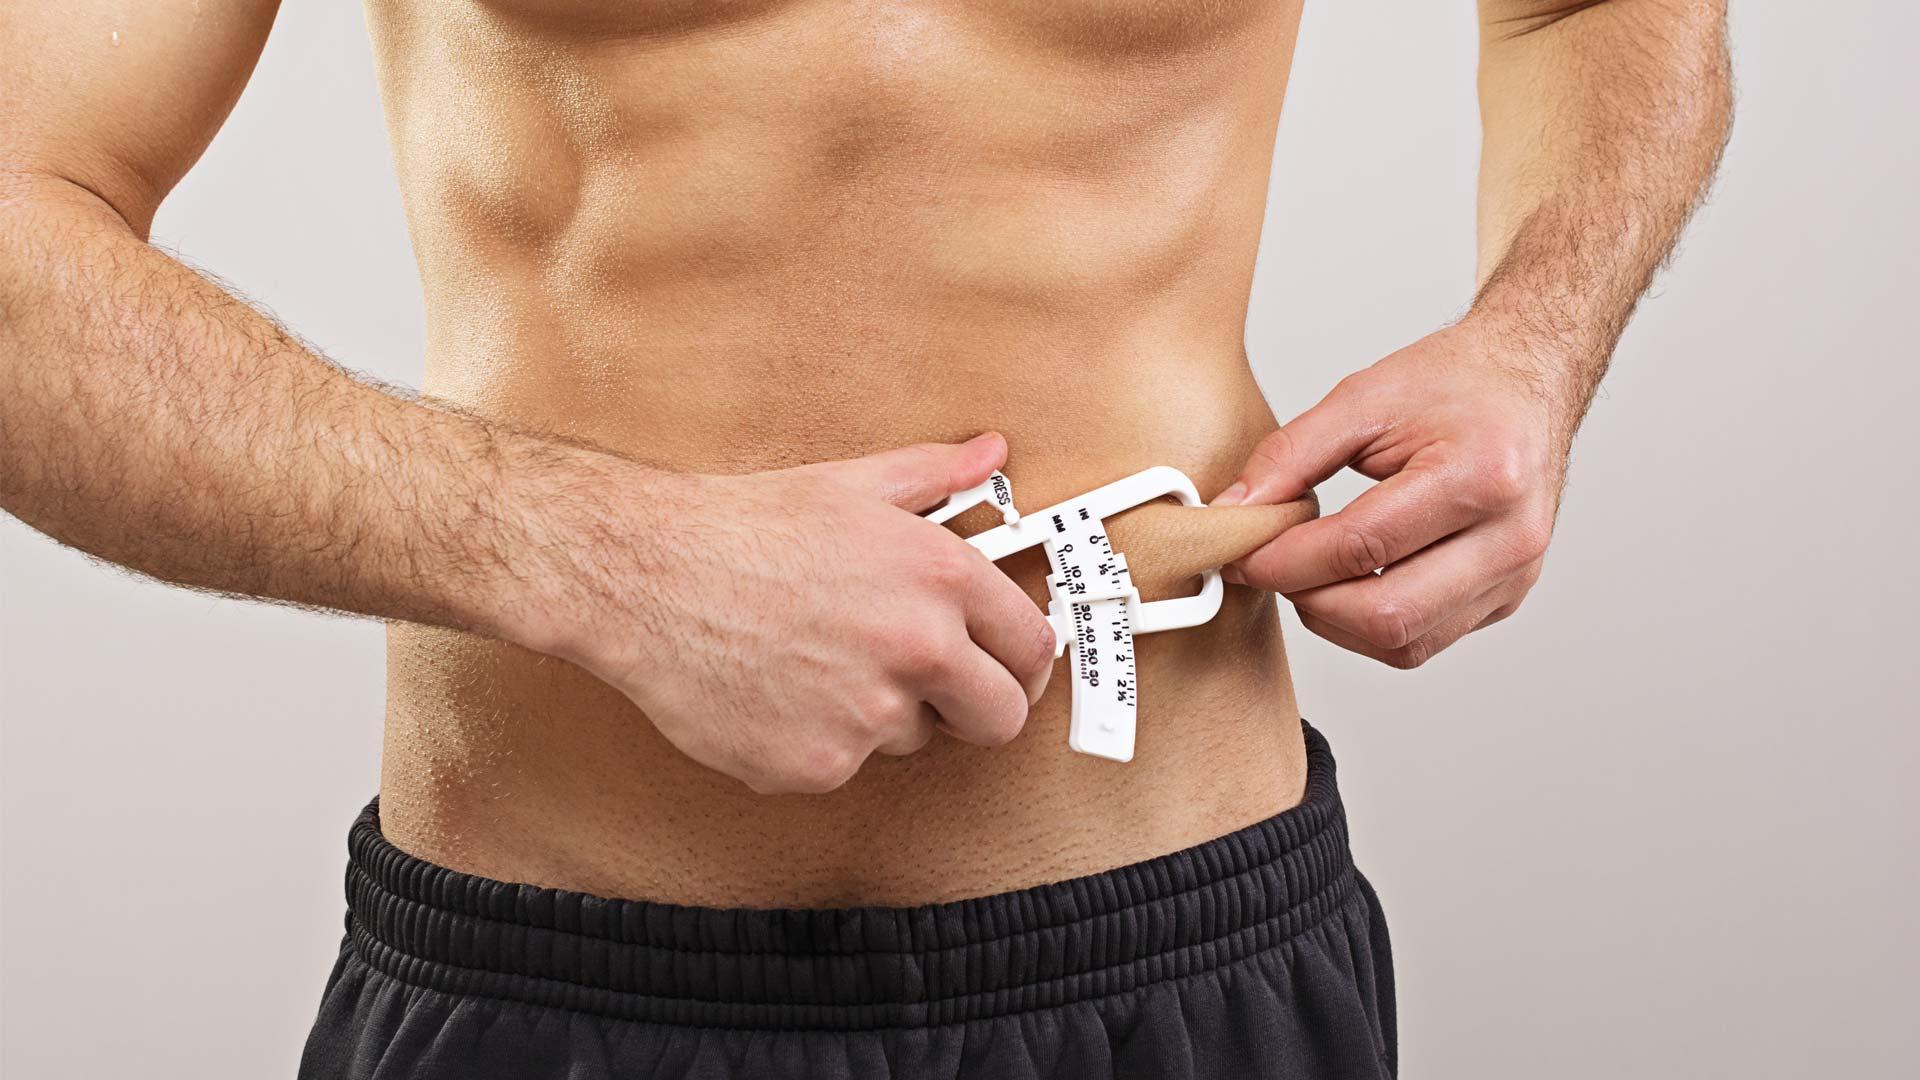 Quer saber como perder gordura abdominal? Não cometa esses erros!